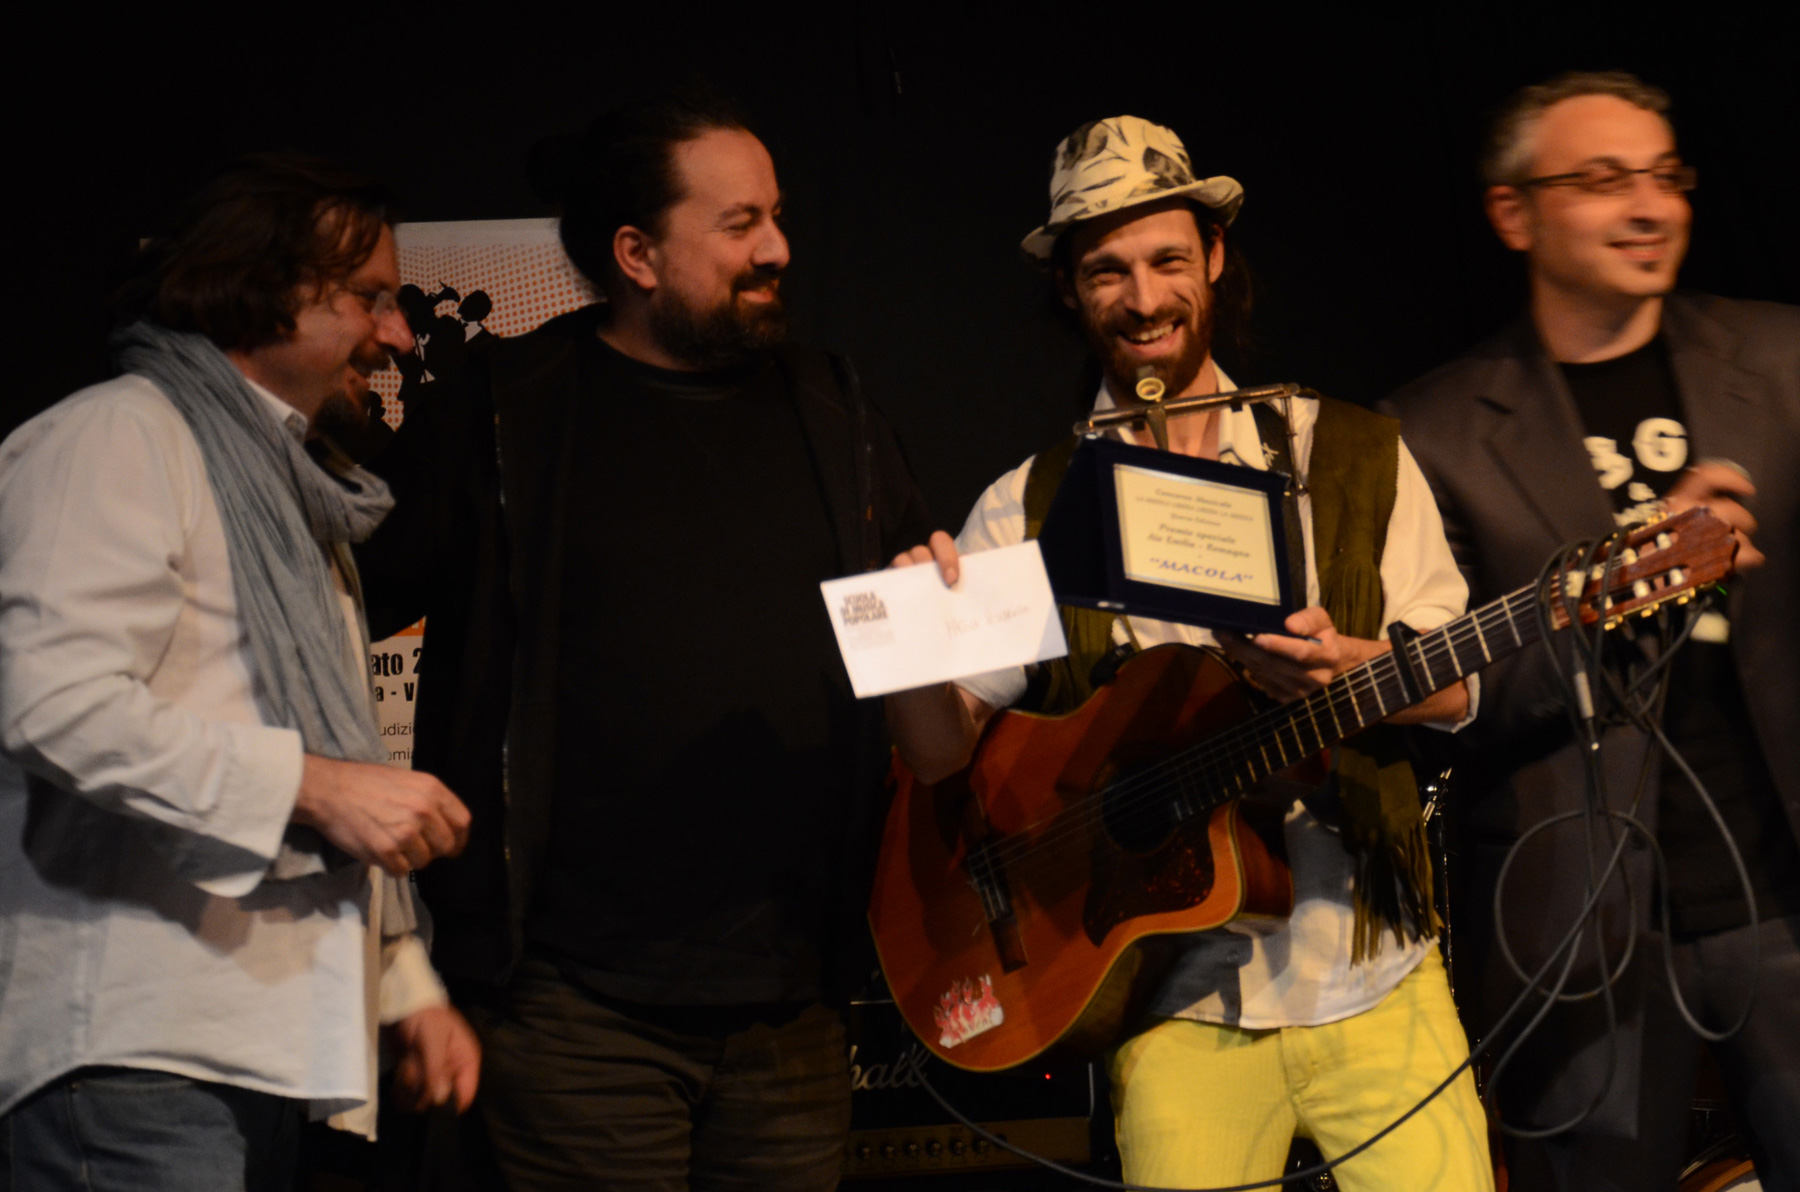 Macola premiato da marco bartolini aldo foschini e gianni for Bartolini etnica